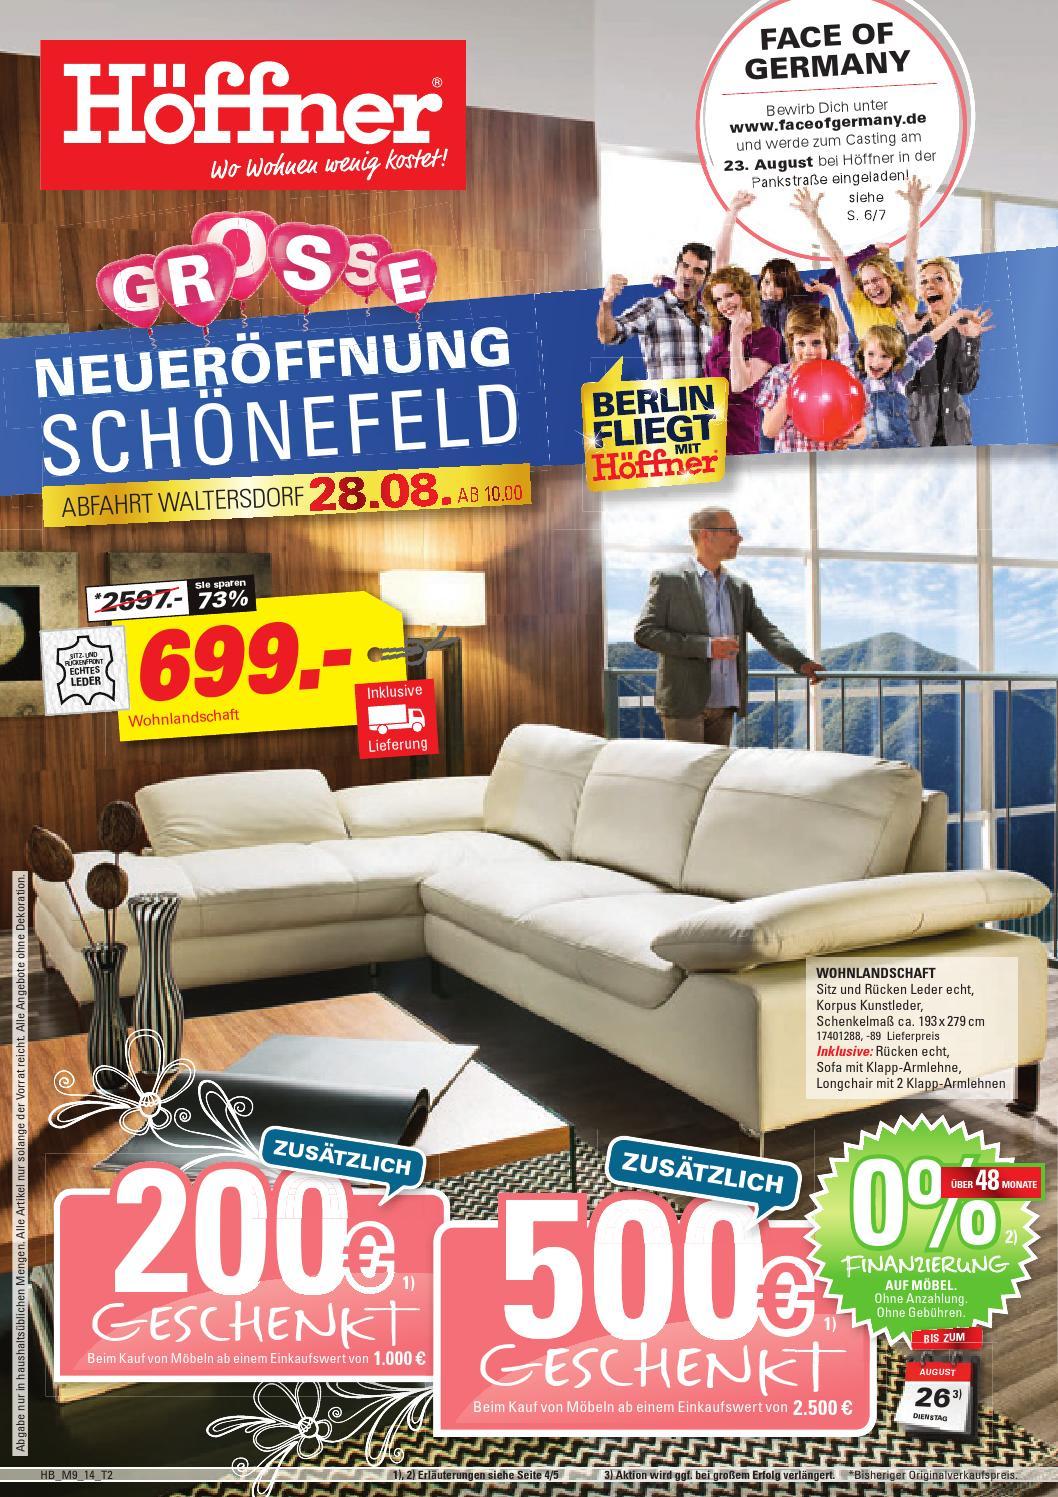 m bel h ffner neuer ffnung sch nefeld by berlin medien gmbh issuu. Black Bedroom Furniture Sets. Home Design Ideas